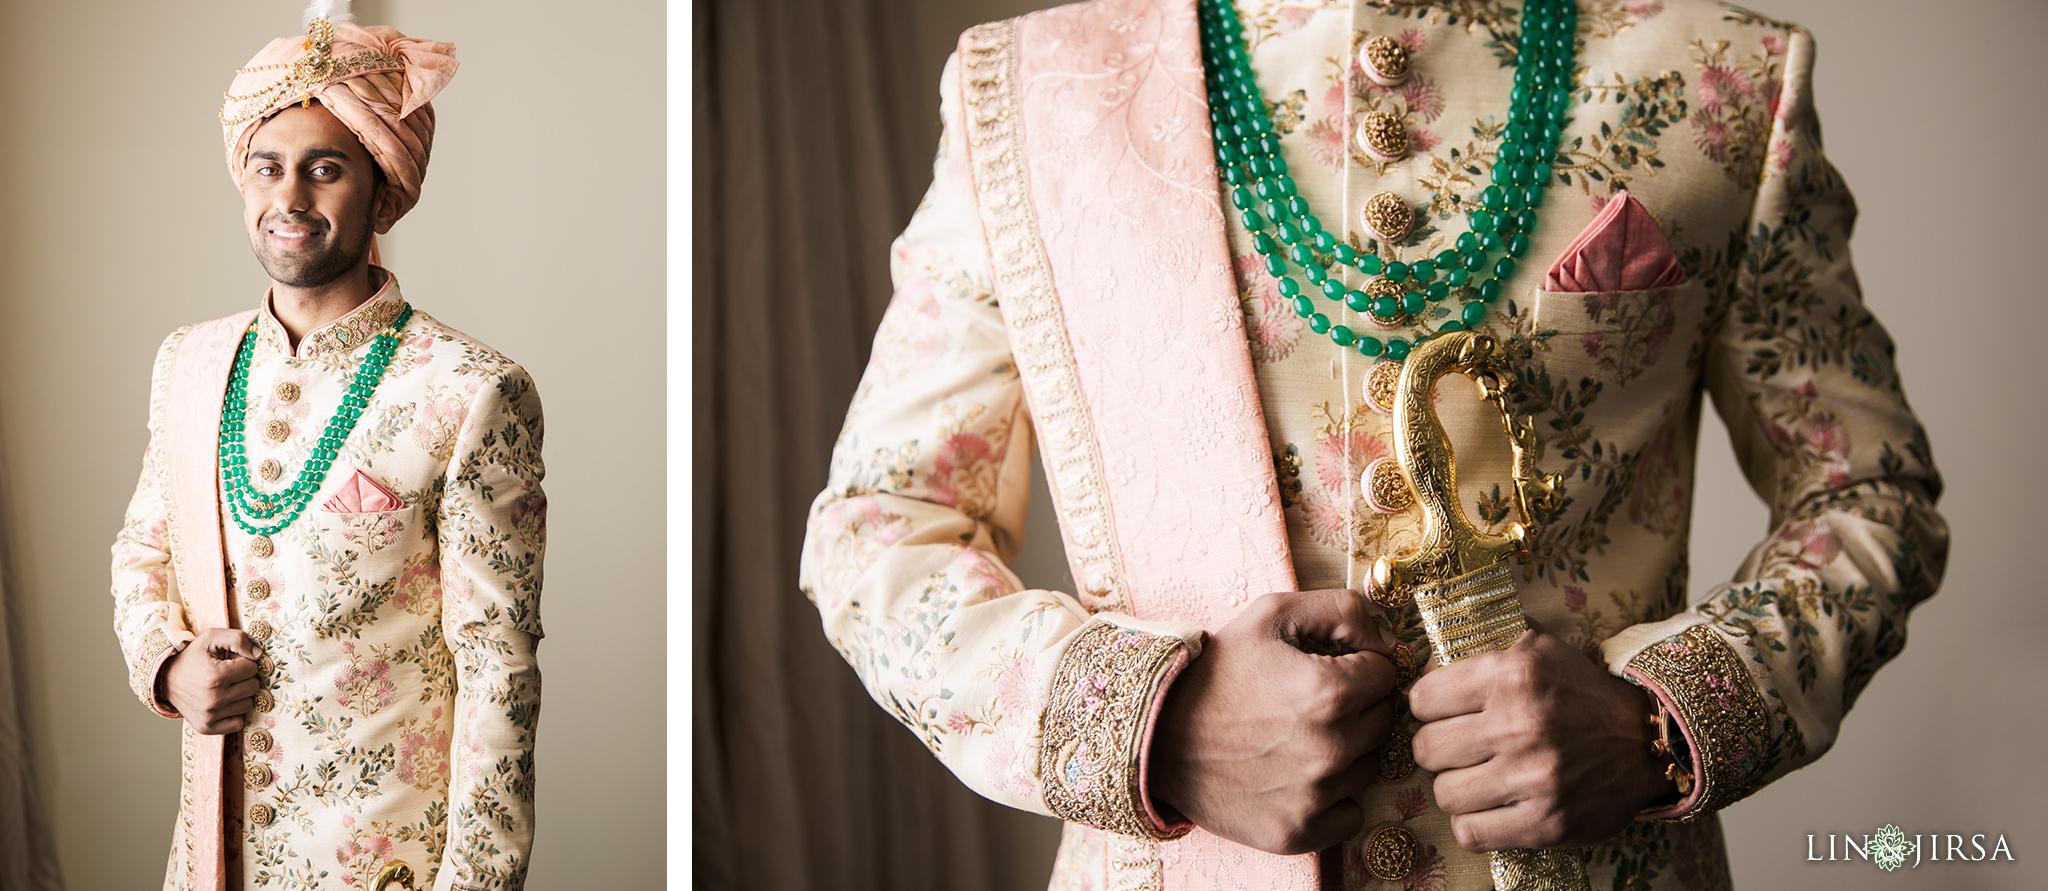 07 The Hilton Orlando Florida Indian Wedding Photography